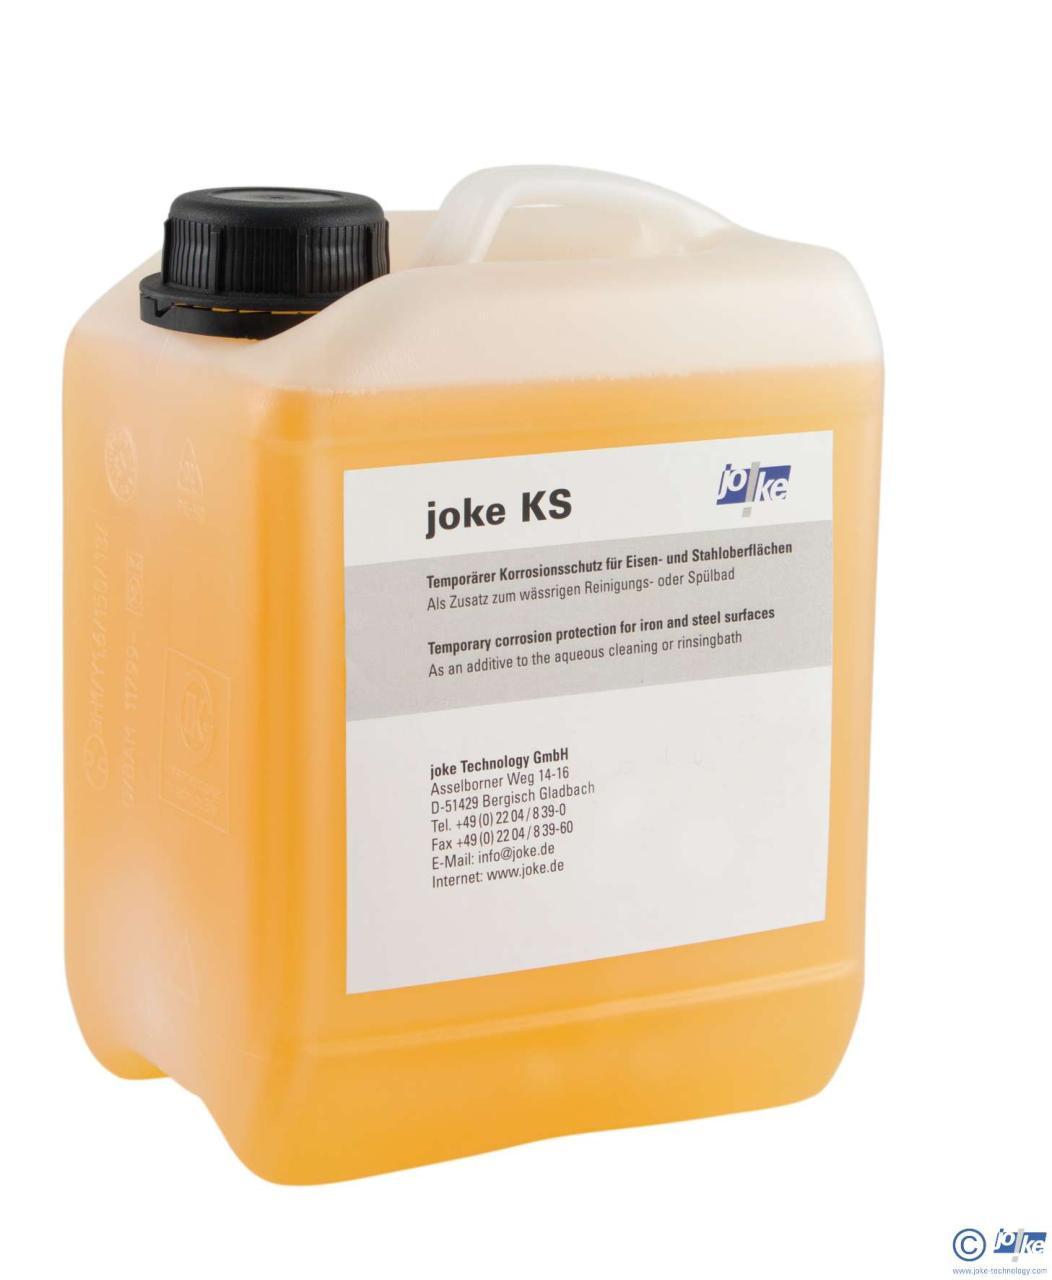 0666200-1_joke-clean-ks